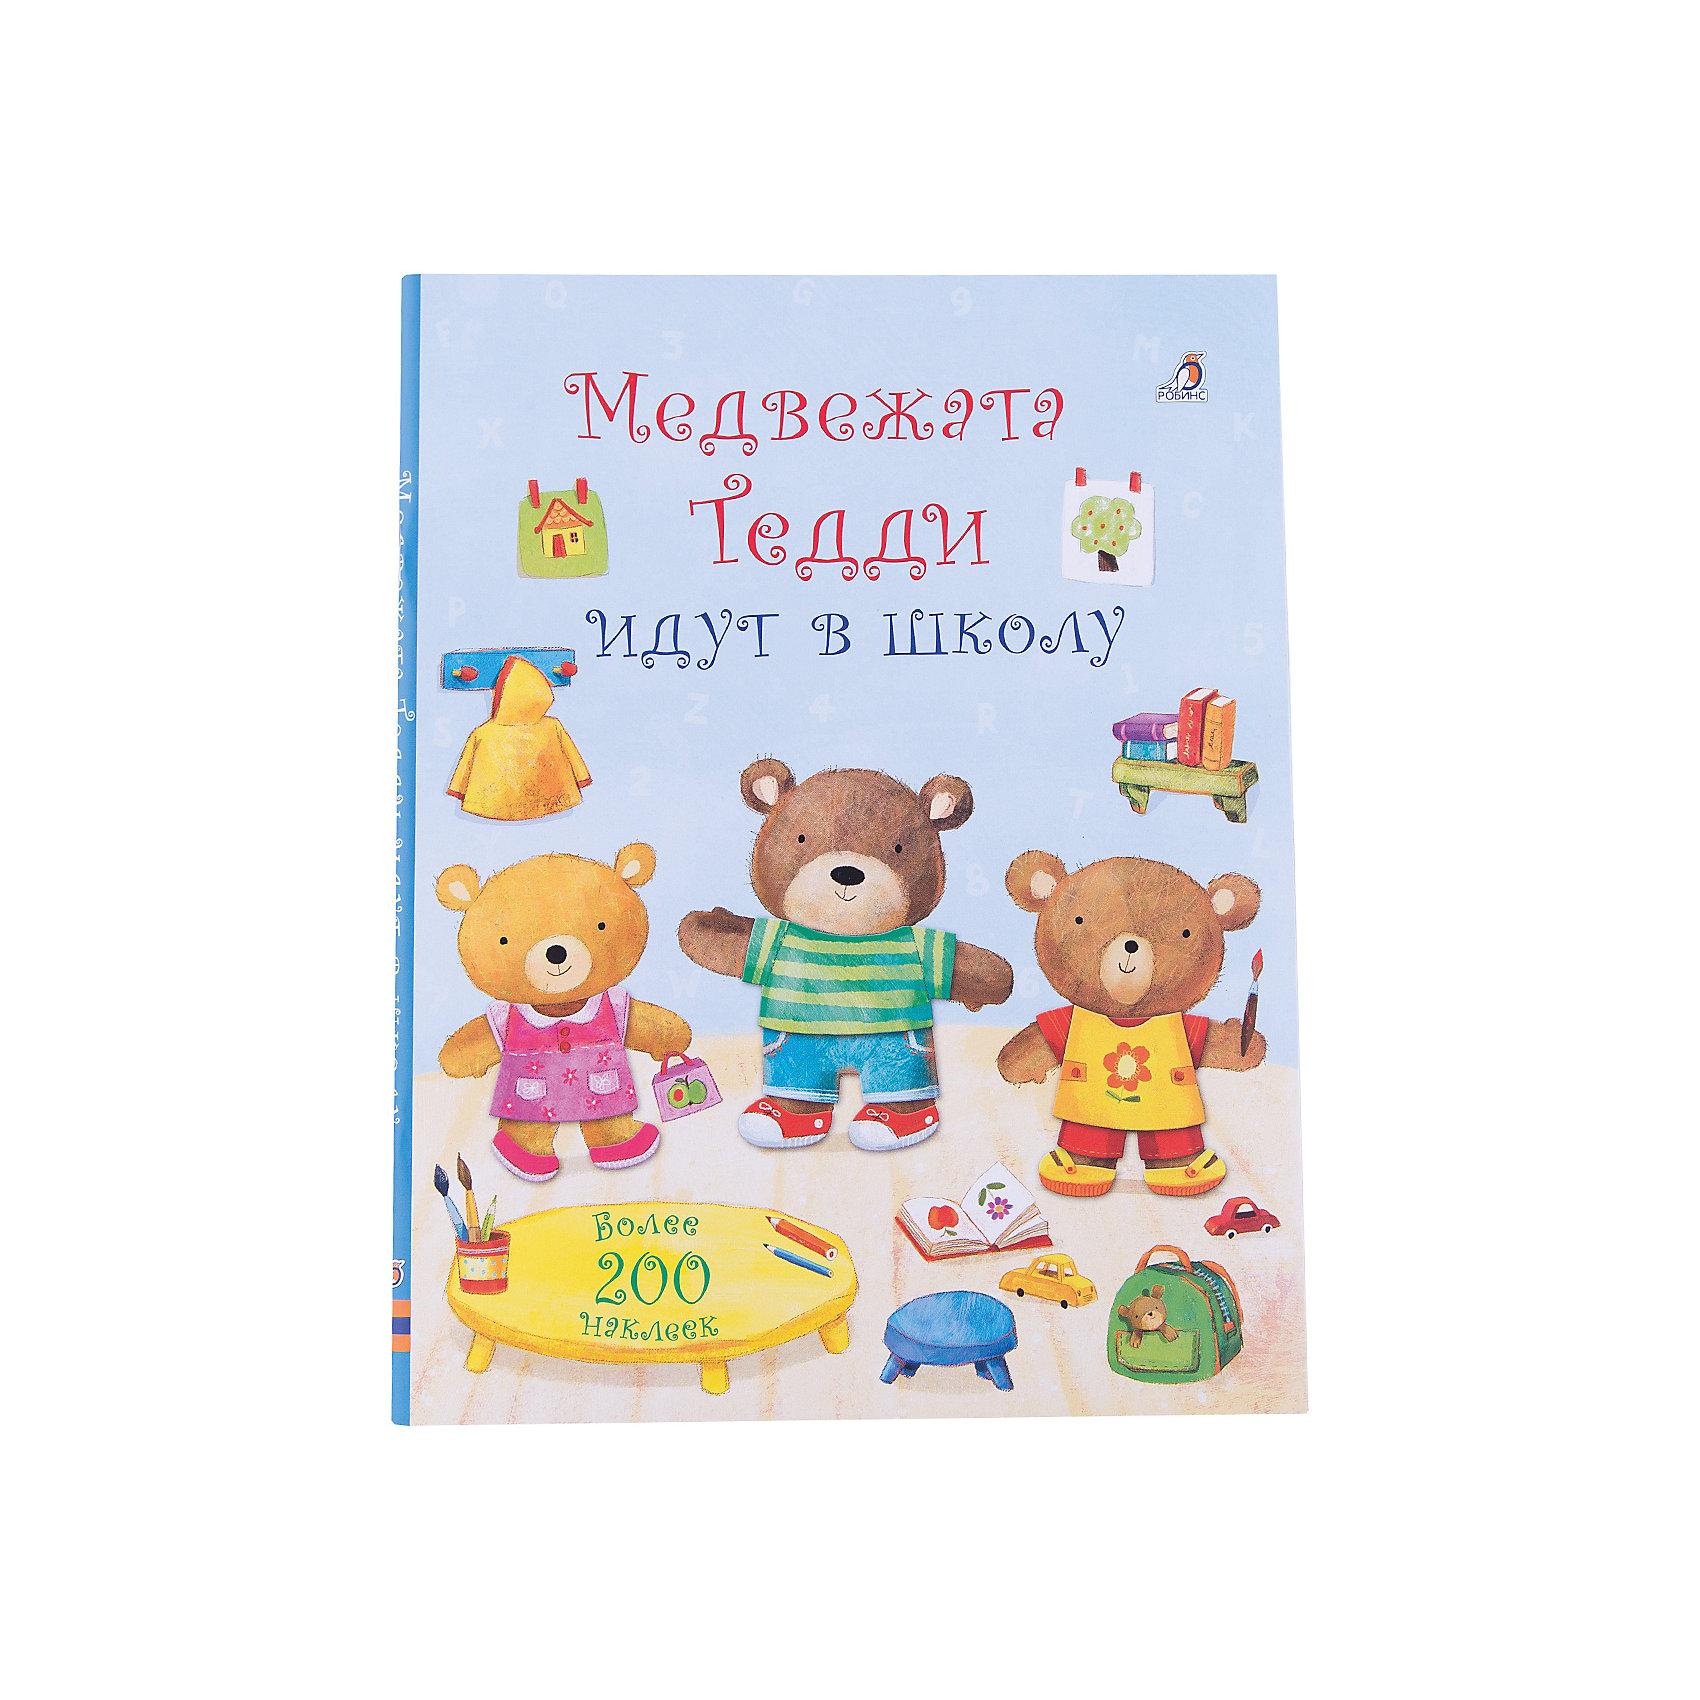 Книжка с наклейками  Медвежата Тедди идут в школуКнижки с наклейками<br>Книжка с наклейками  Медвежата Тедди идут в школу – это  продолжение серии книжек с наклейками о маленьких медвежатах Потапе, Кузе, Ириске и Плюшке, которые на этот раз собираются в школу. Внутри Ваш ребенок найдет 8 листов с наклейками, с помощью которых нужно будет подготовить медвежат в школу: подобрать одежду, собрать рюкзаки и коробочки для завтрака, помочь им с уроками в школе. Важно подобрать костюмы правильно и приклеить наклейки в нужные места.  <br><br>Характеристики:<br>-Яркие, крупные иллюстрации <br>-Более 200 наклеек внутри<br>-Содержание: веселые медвежата, школьная атрибутика, природа<br>-Развивает: логическое мышление, внимание,  речь, память, воображение, мелкую моторику<br><br>Дополнительная информация:<br>-Материалы: картон, бумага, ПВХ<br>-Автор: Фелисити Брукс<br>-Иллюстратор: Аг Ятковска<br>-Переводчик: И. Маккински<br>-Количество страниц: 24<br>-Переплет: мягкий<br>-Иллюстрации: цветные<br>-Вес: 162 г<br>-Размер: 27,5x22 см<br><br>Книжка с наклейками  Медвежата Тедди идут в школу можно купить в нашем магазине.<br><br>Ширина мм: 225<br>Глубина мм: 30<br>Высота мм: 180<br>Вес г: 450<br>Возраст от месяцев: 36<br>Возраст до месяцев: 84<br>Пол: Унисекс<br>Возраст: Детский<br>SKU: 4295388